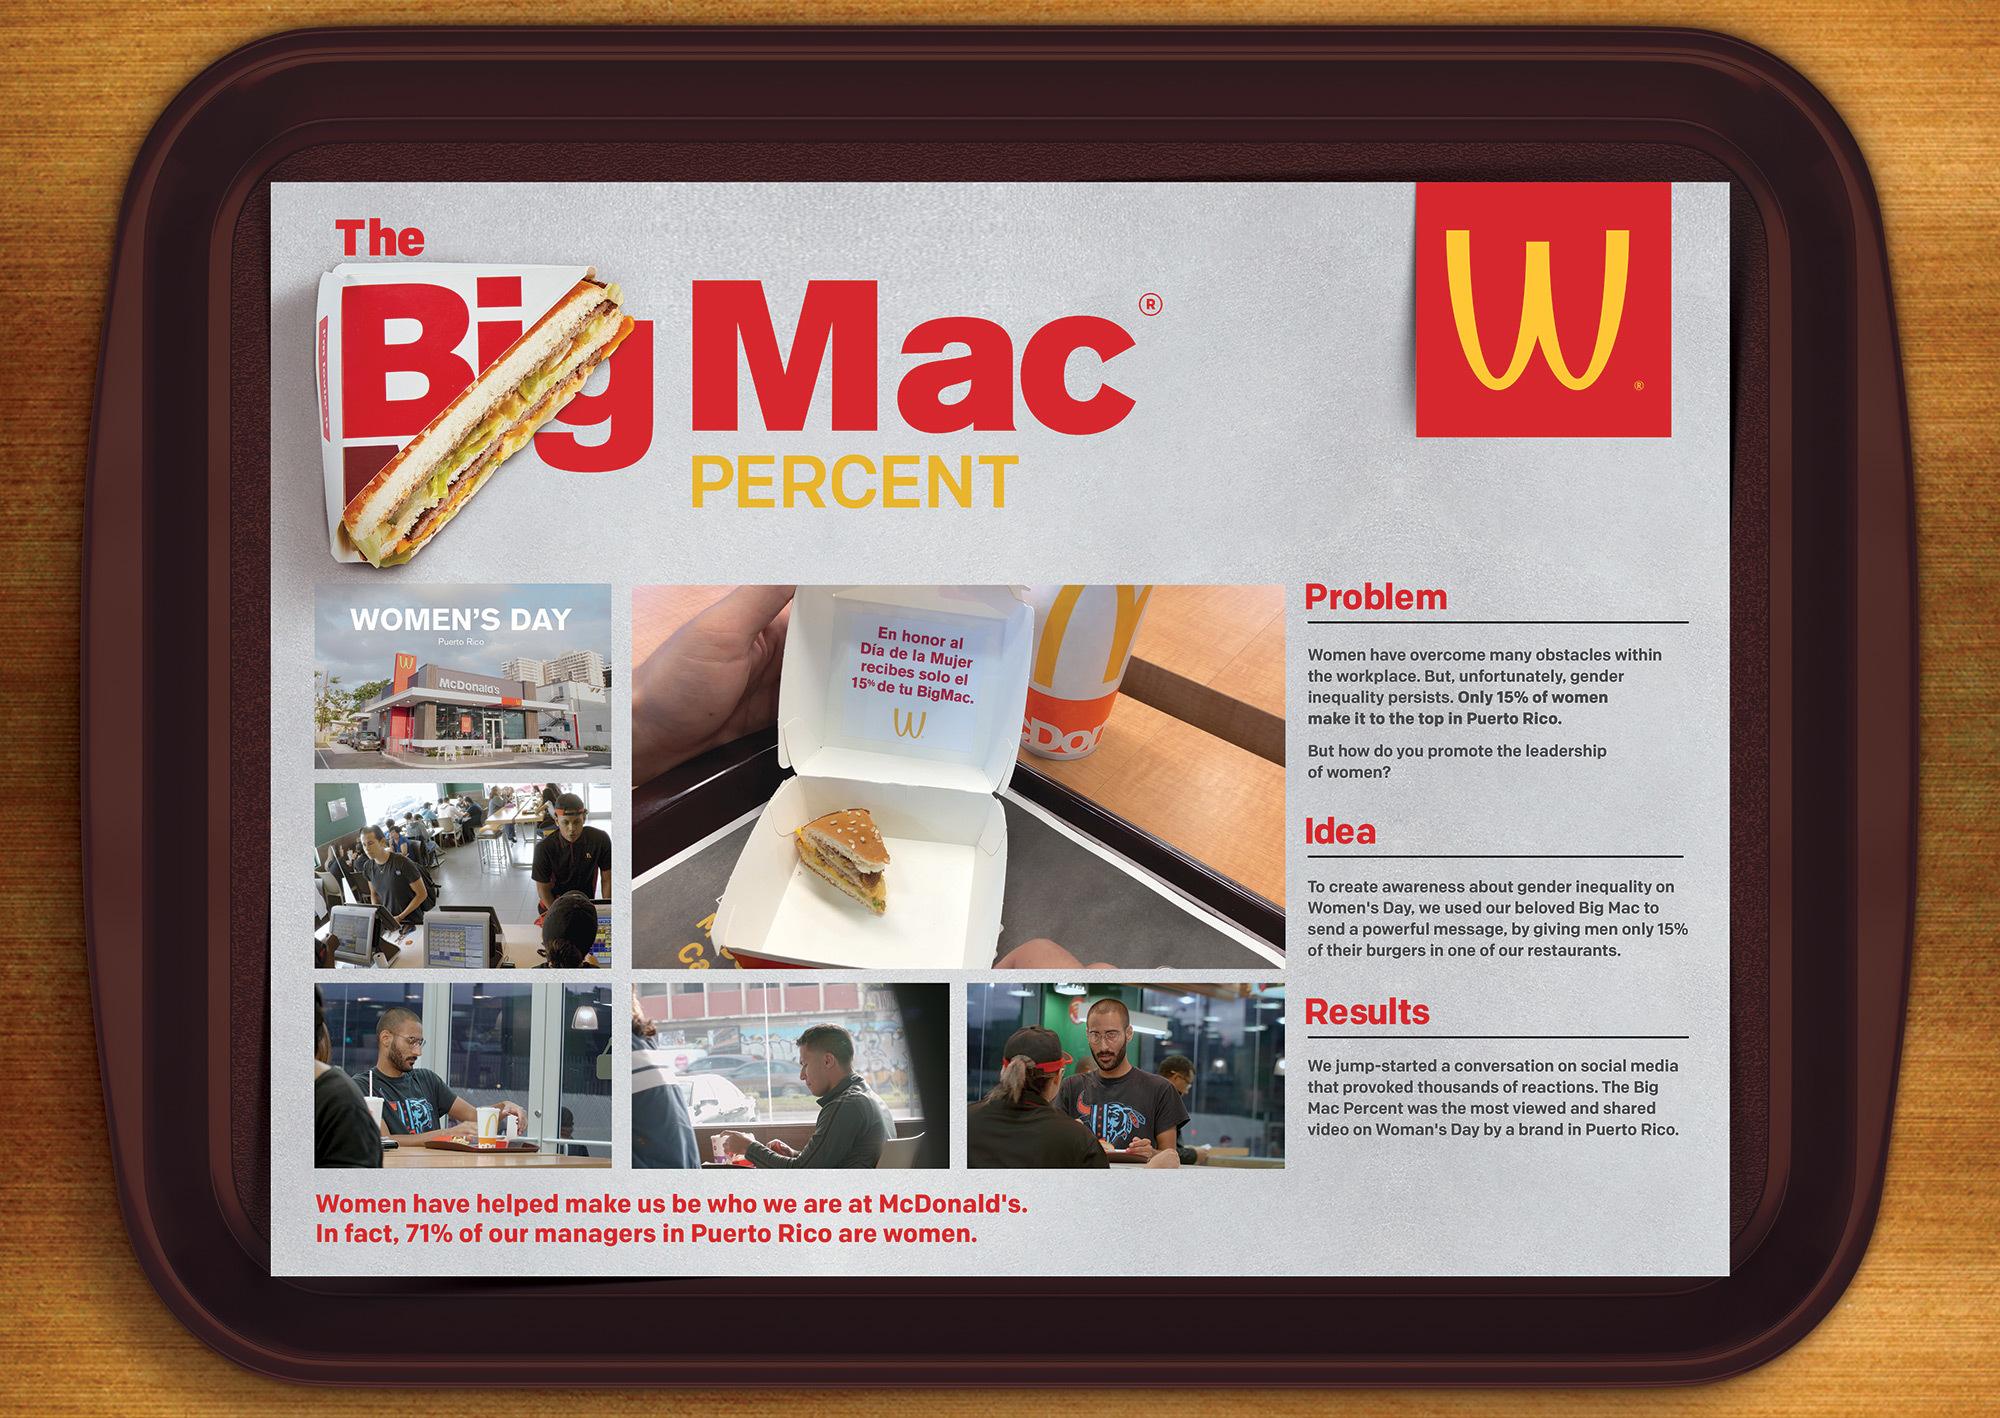 Big Mac Percent